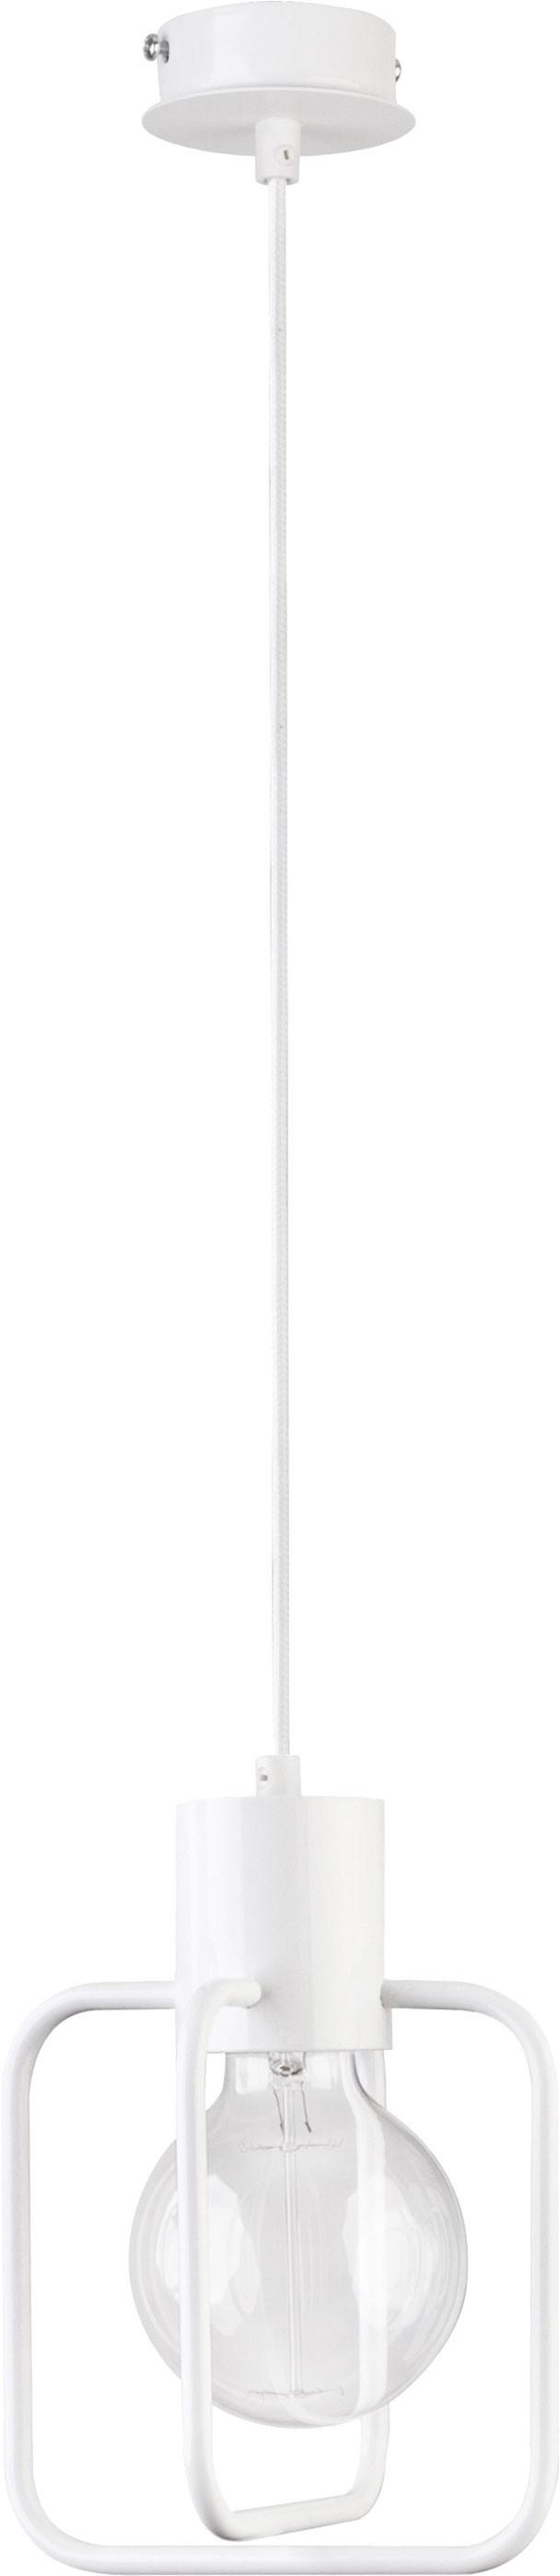 Lampa wisząca Aura kwadrat 1 biała 31121 - Sigma Do -17% rabatu w koszyku i darmowa dostawa od 299zł !